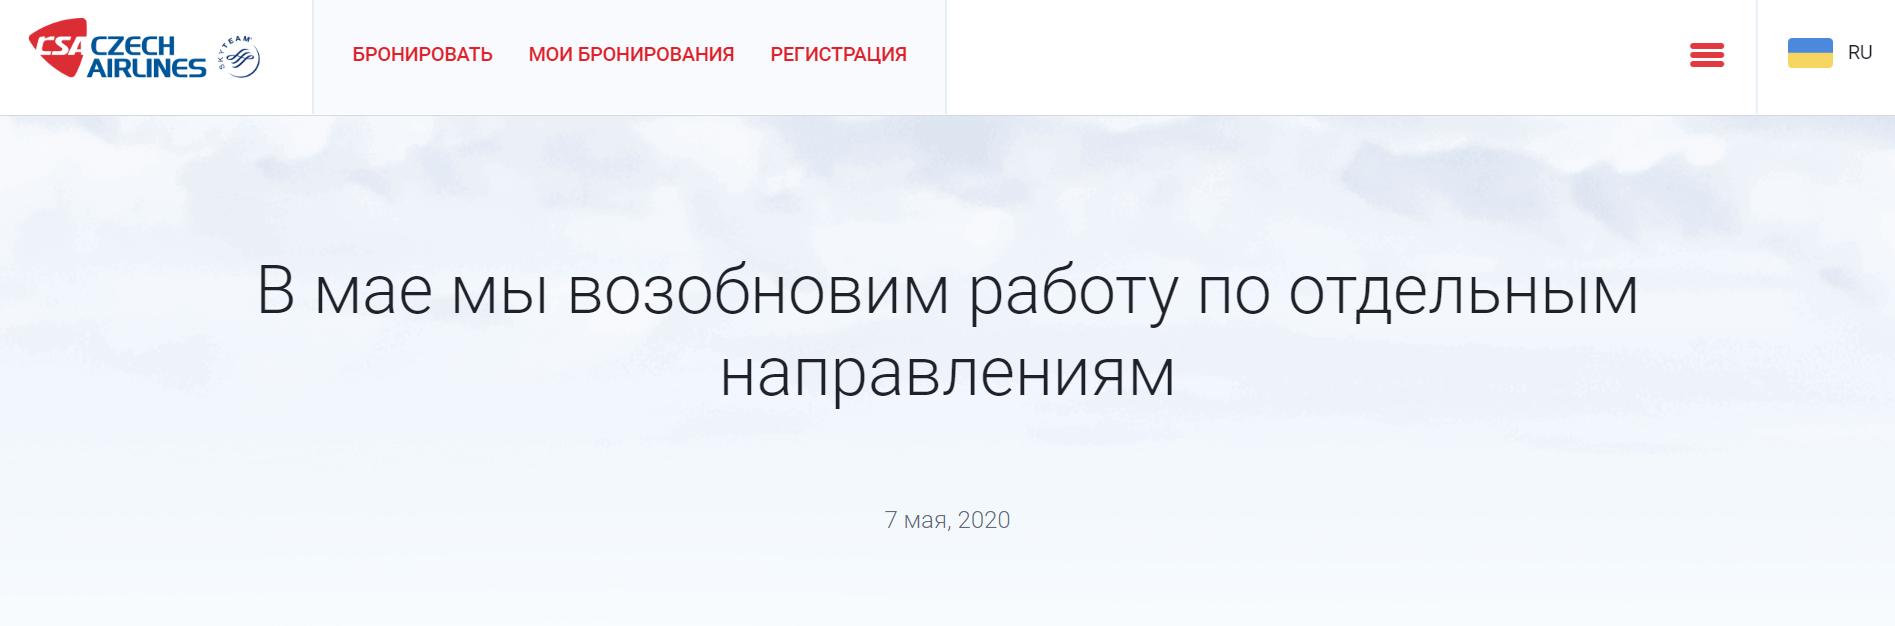 Четыре авиакомпании возобновят полеты из Украины: даты и направления